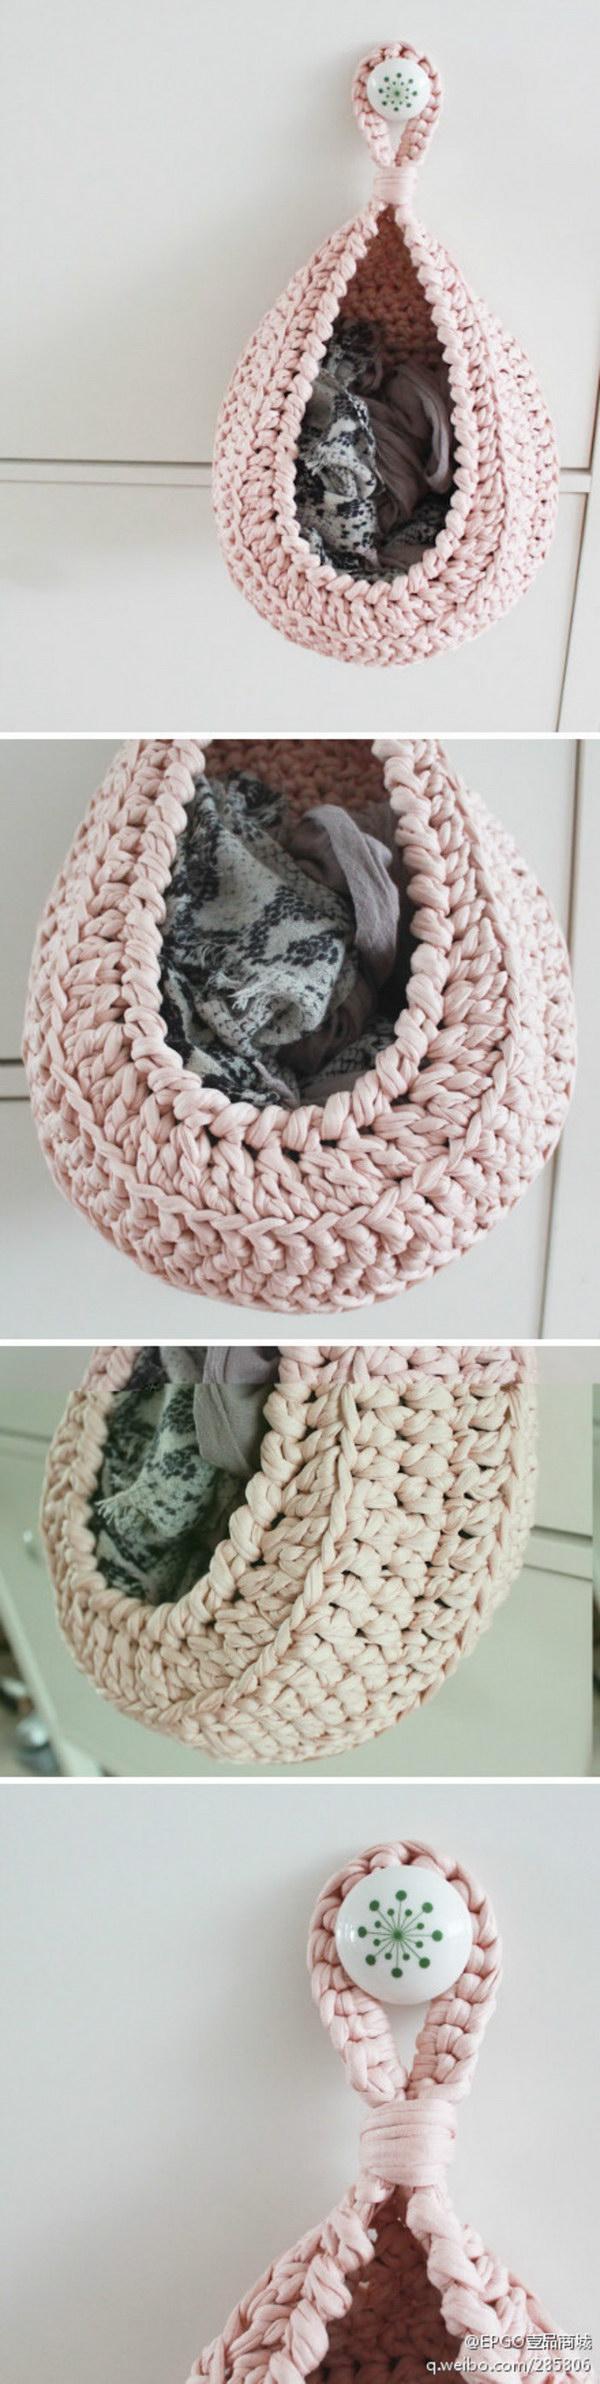 crochet projects crochet towel holder free pattern bbjqtkn